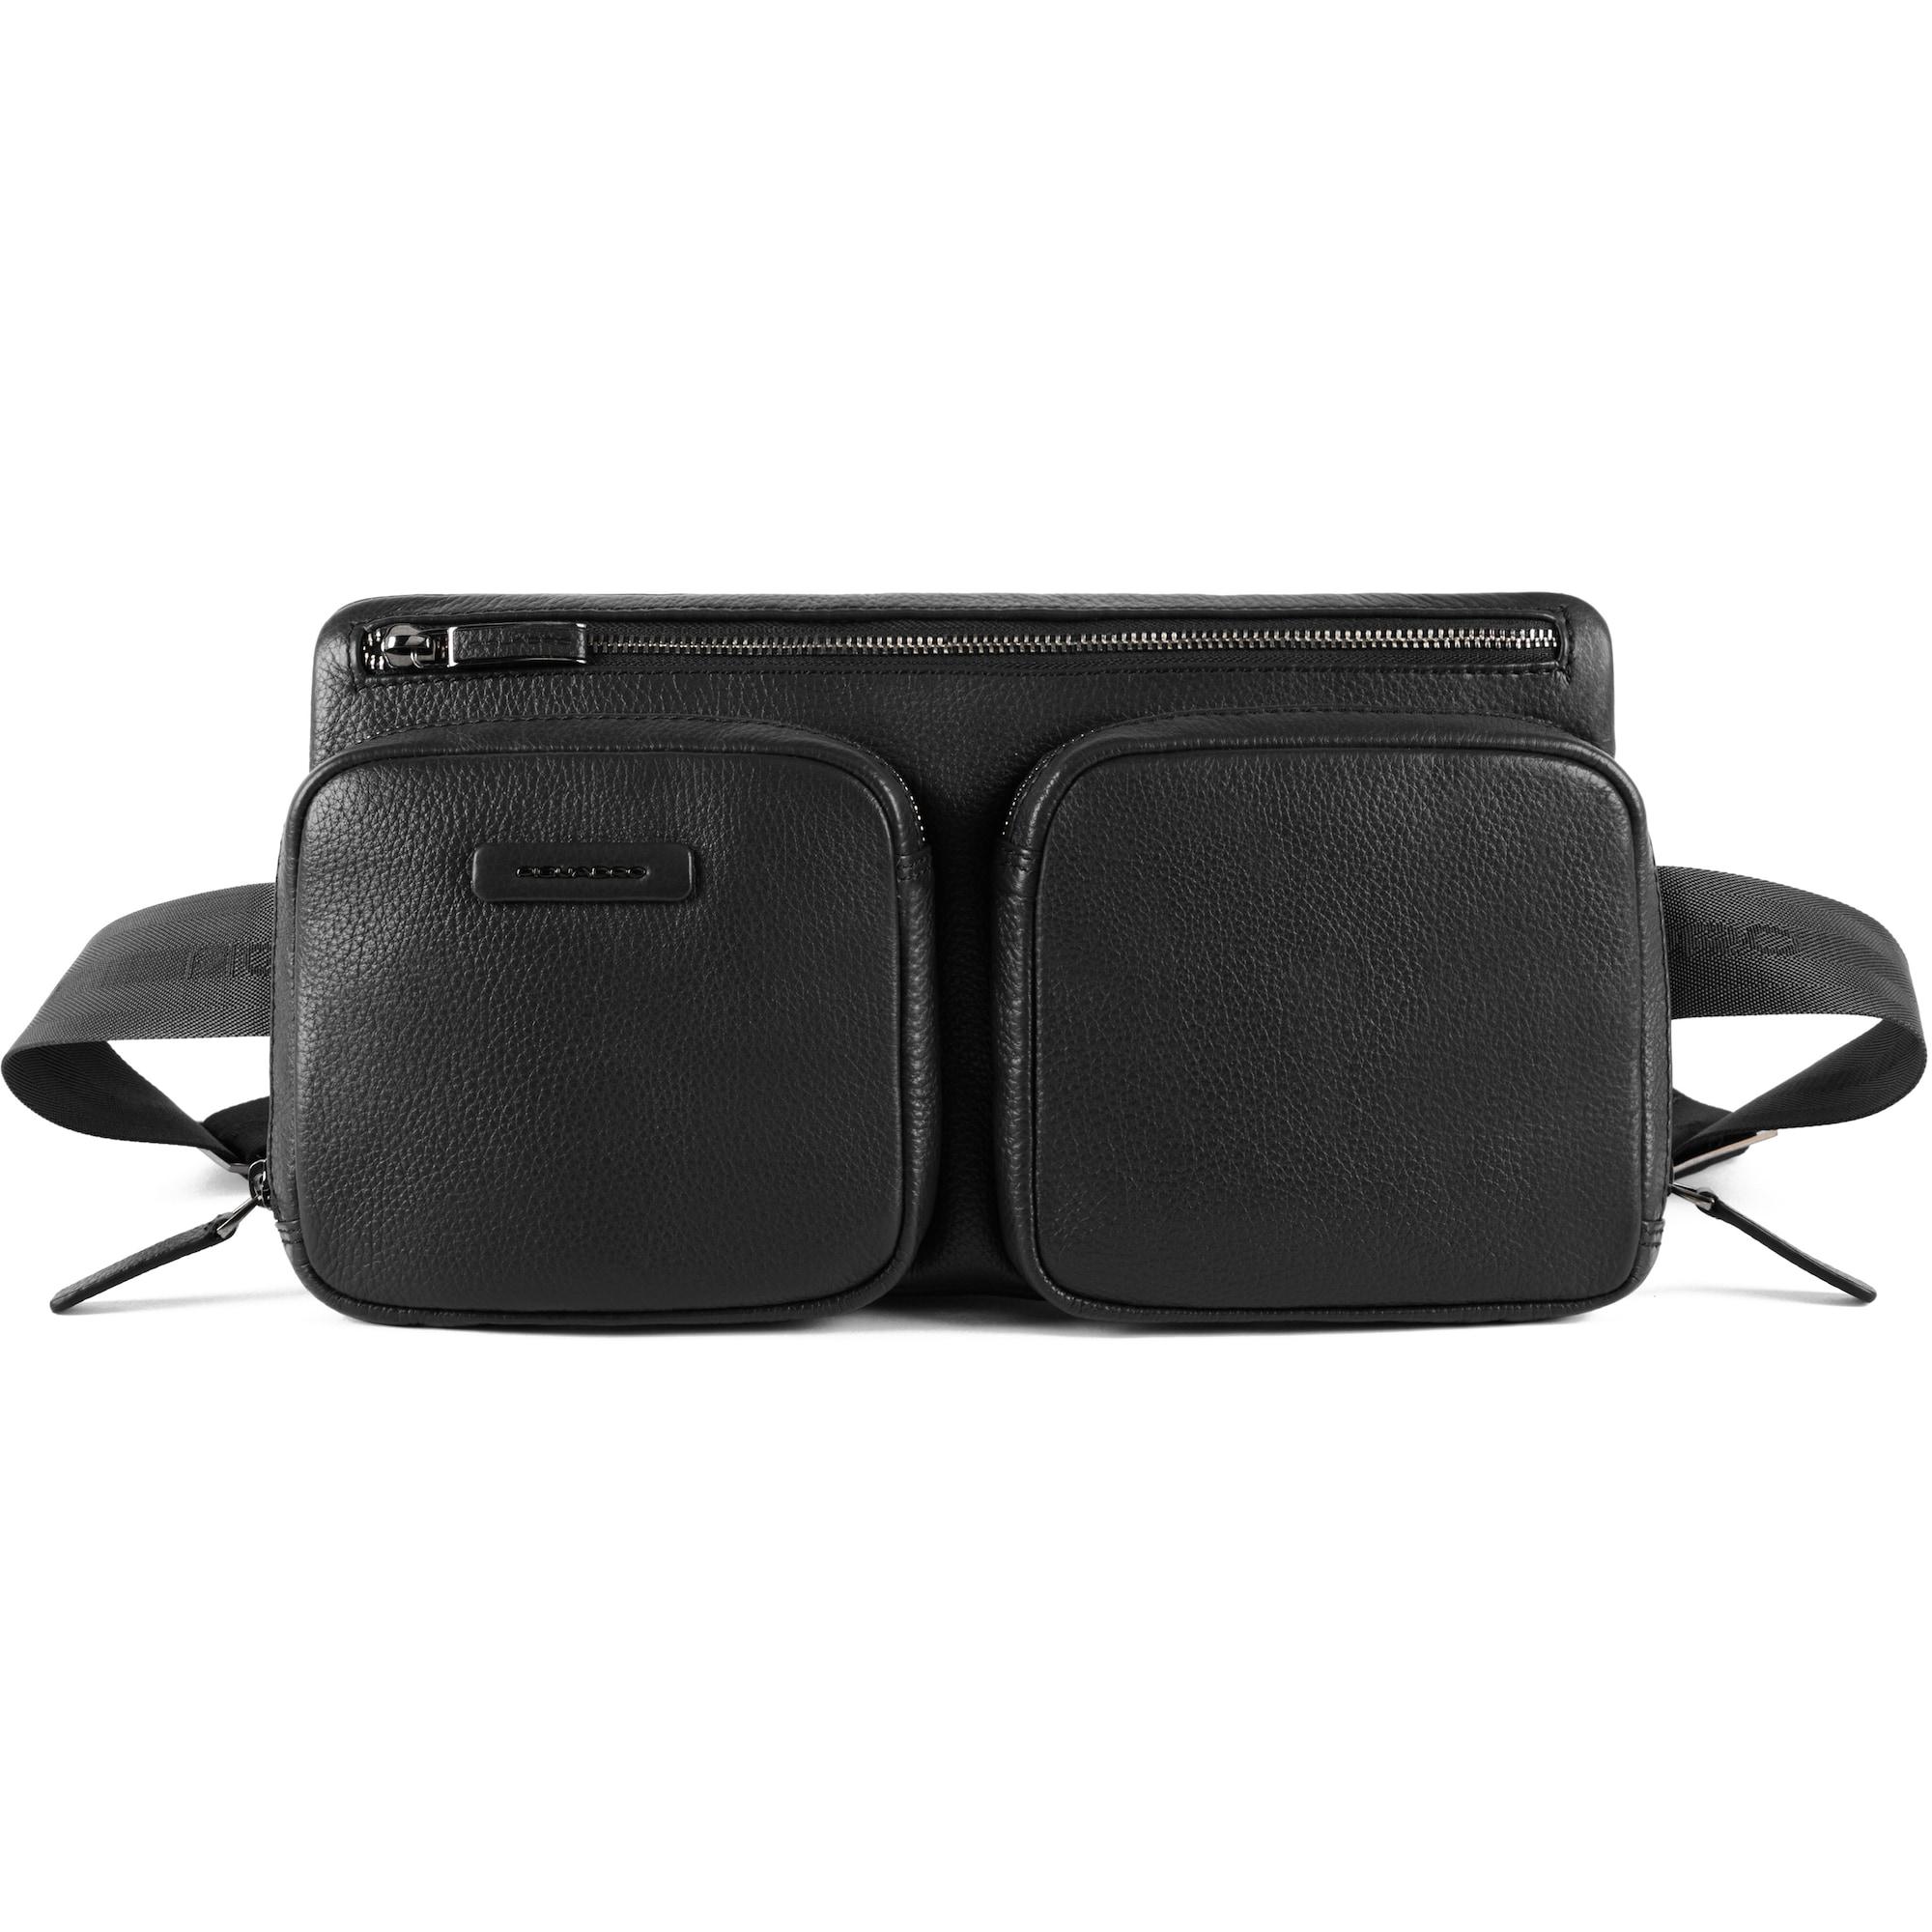 Gürteltasche | Taschen > Gürteltaschen | Piquadro